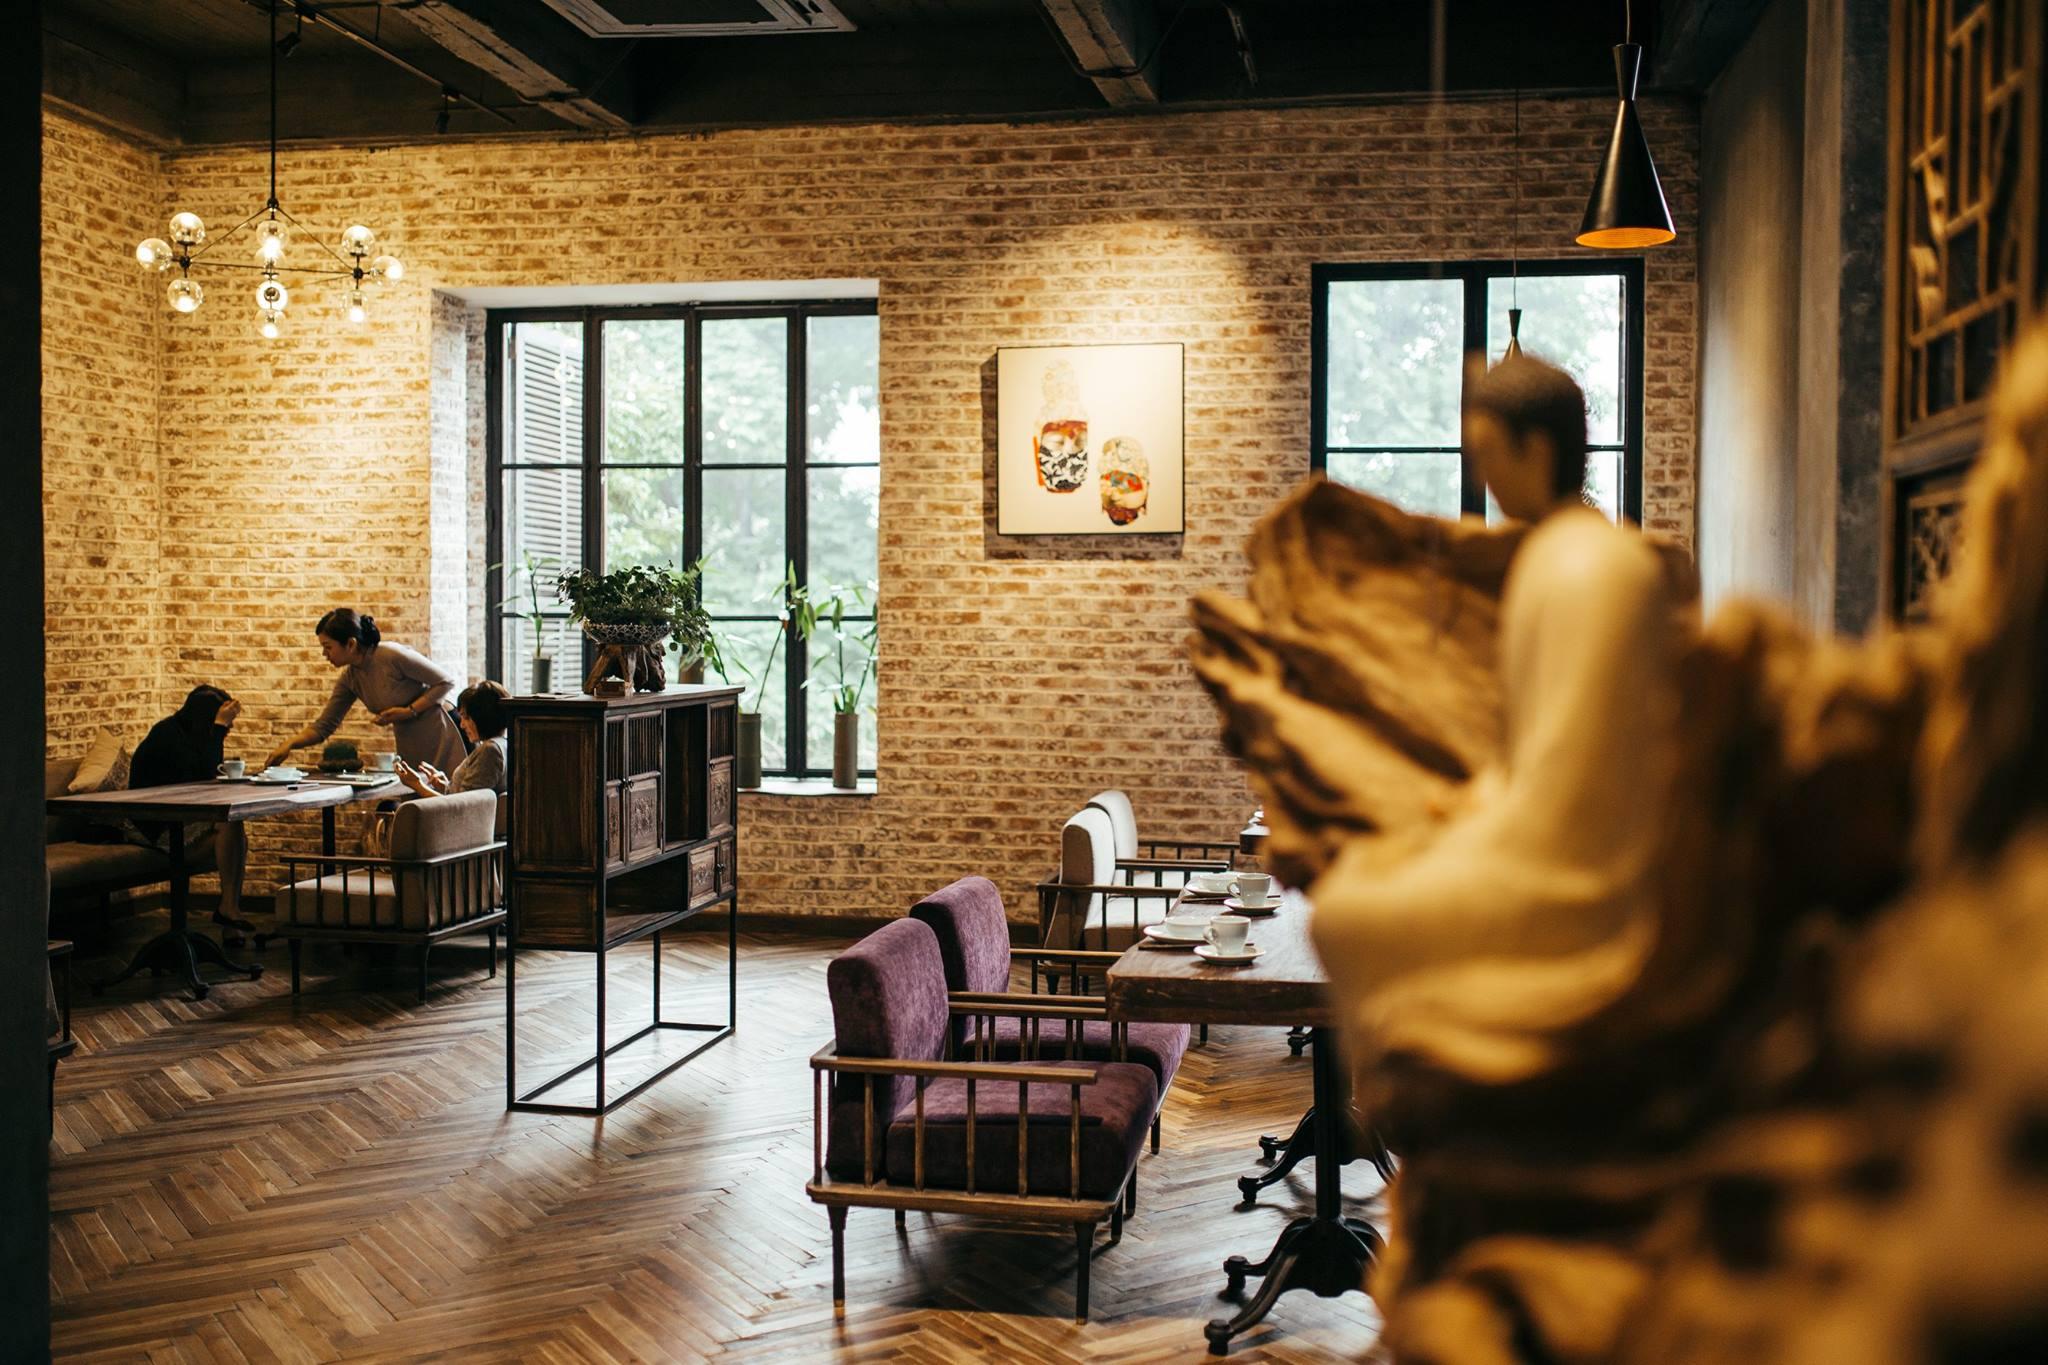 hanoi vegetarian restaurant uu dam chay interior design